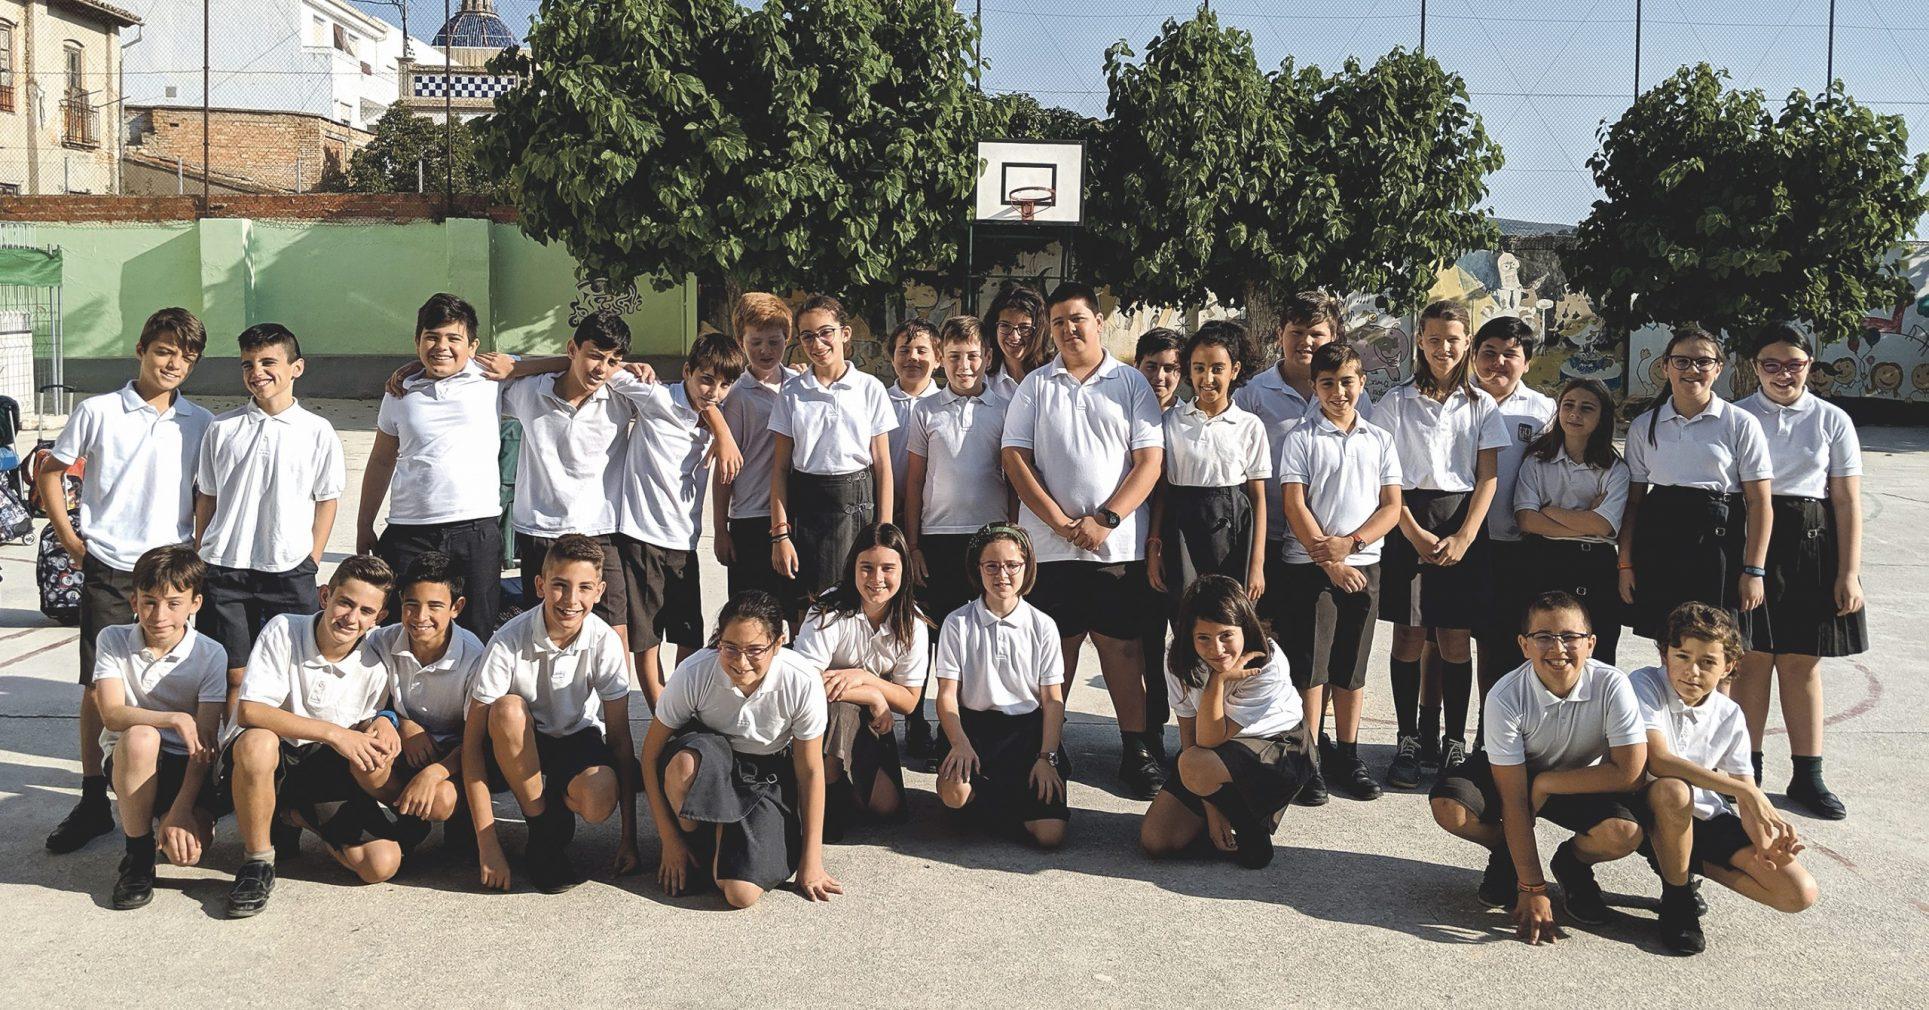 El taller de premsa escola de El Periòdic d'Ontinyent visita el col·legi Santa Maria El Periòdic d'Ontinyent